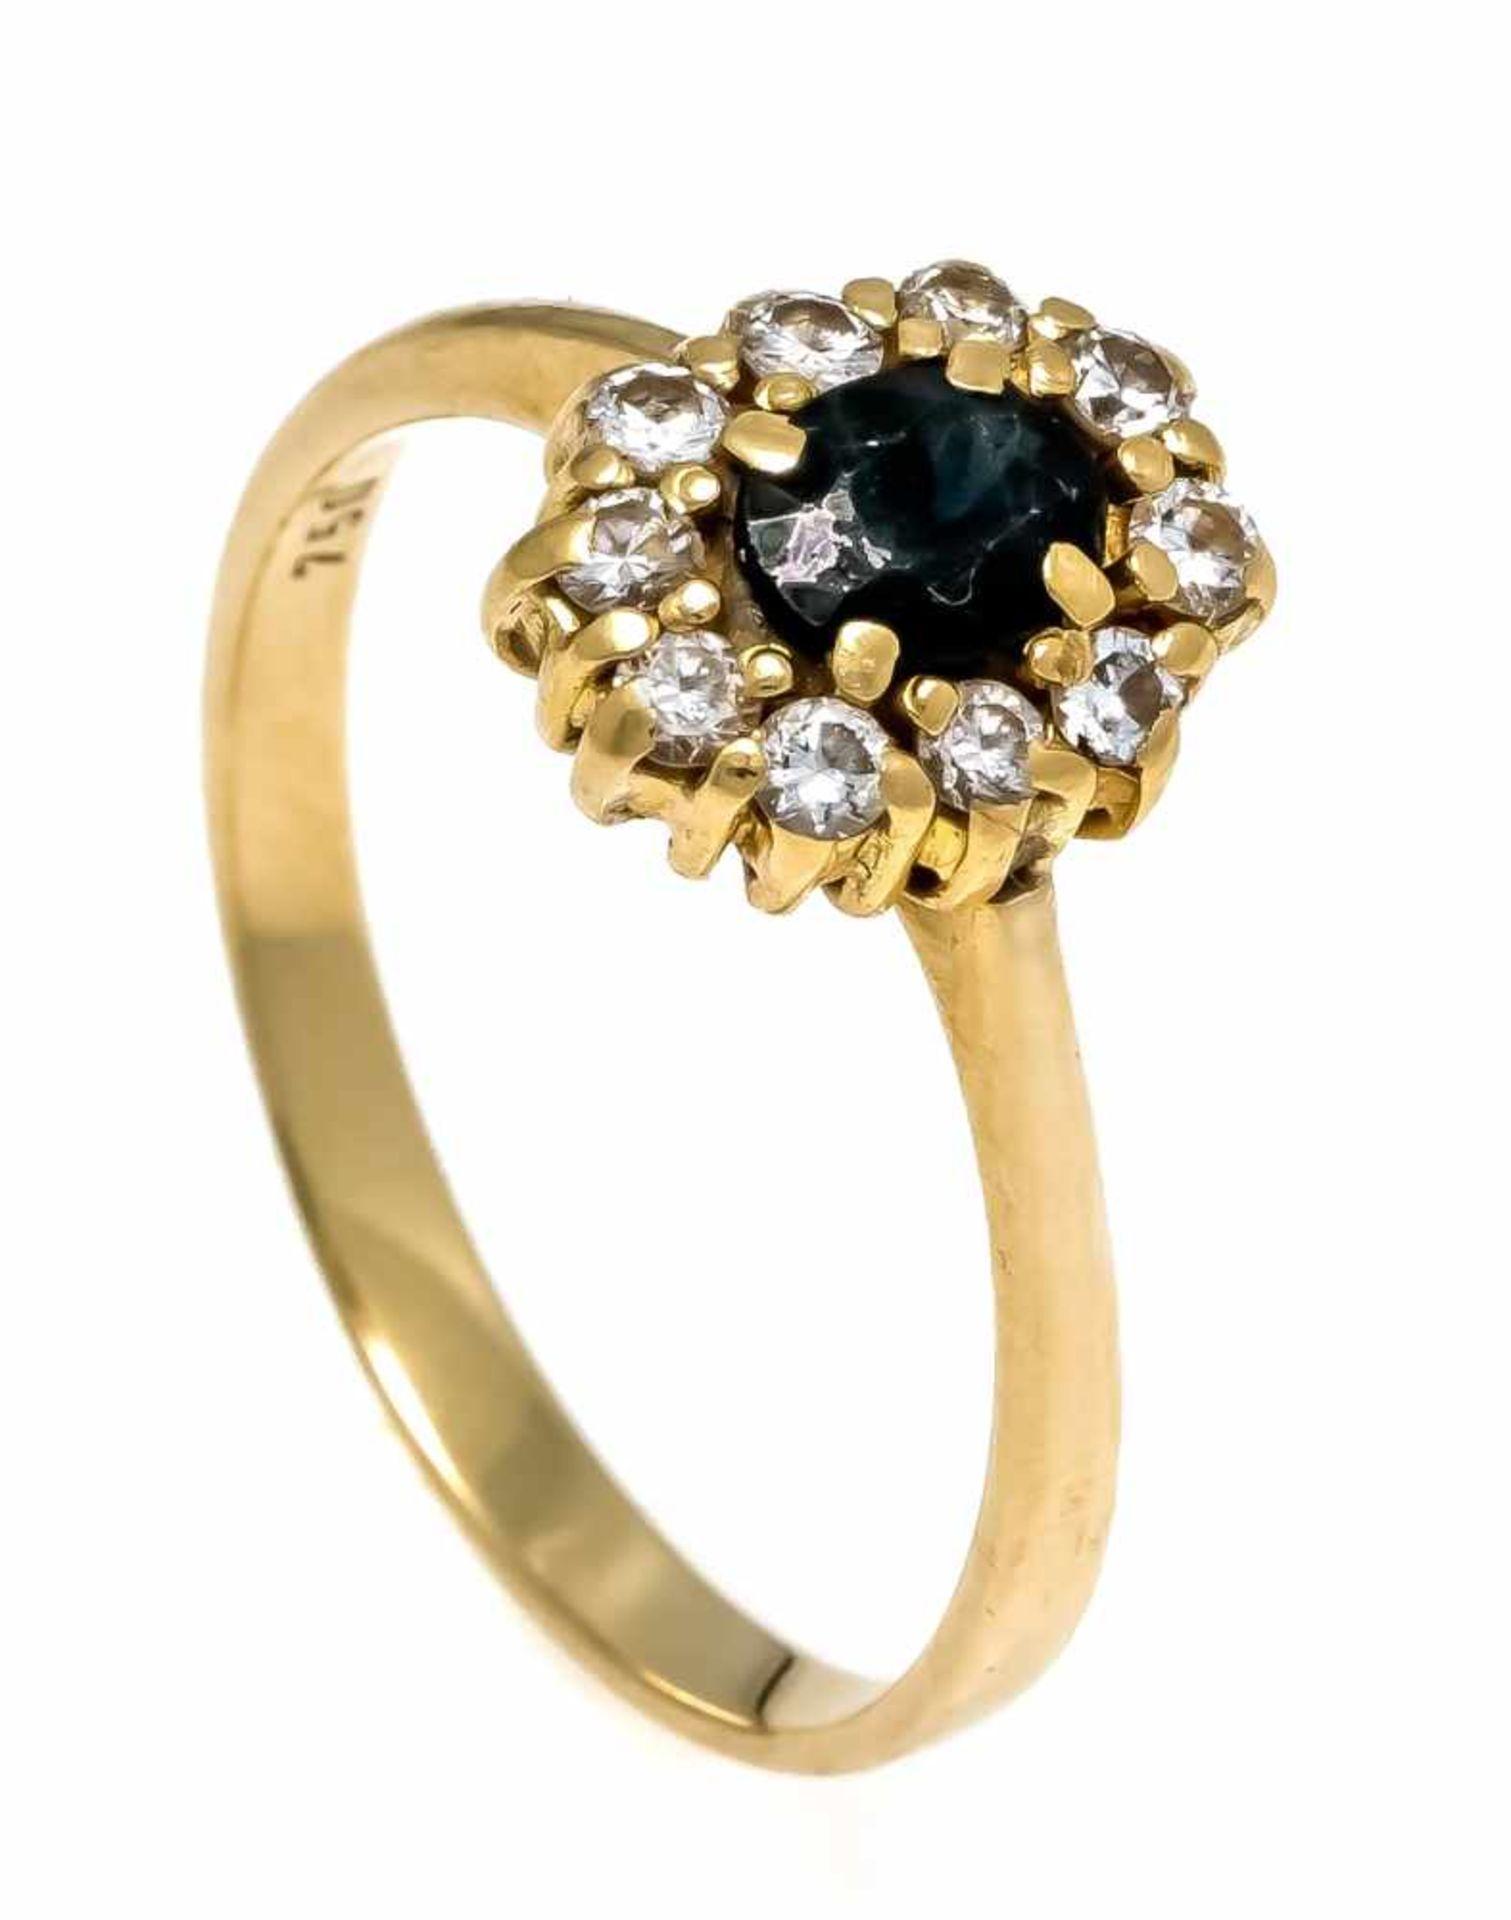 Saphir-Brillant-Ring GG 750/000 mit einem oval fac. Saphir 5 x 4,3 mm und 10 Brillanten, zus. 0,25